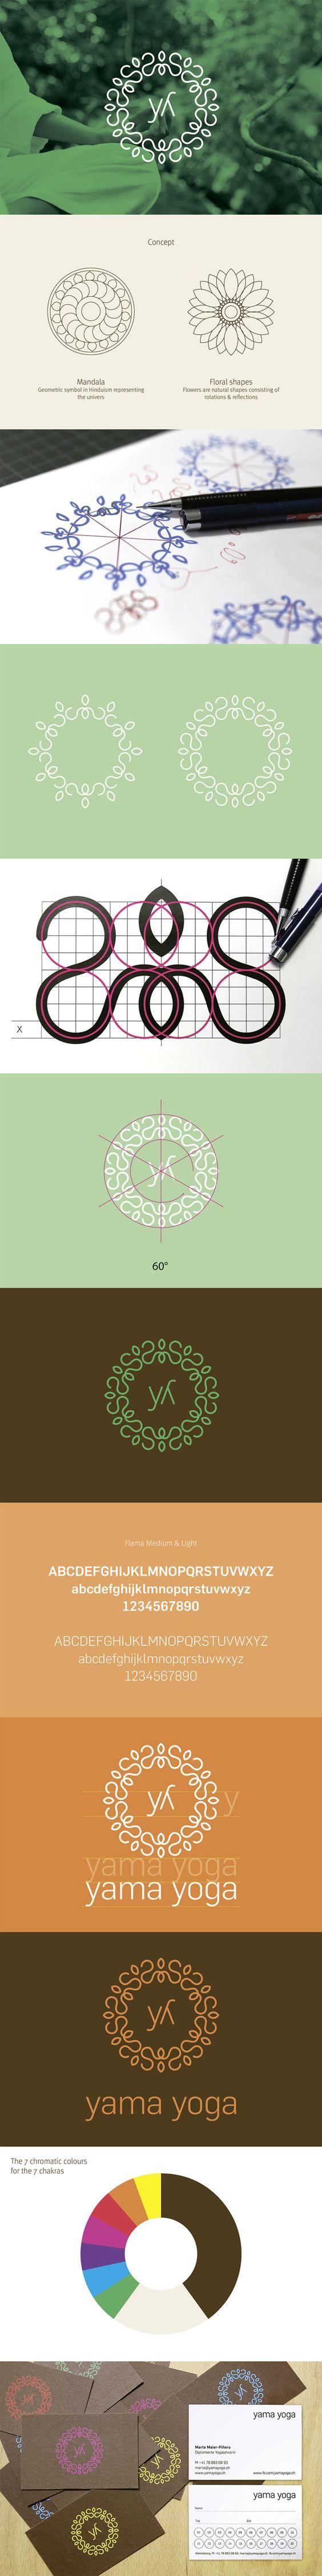 Yama Yoga, una marca equilibrada. #Branding